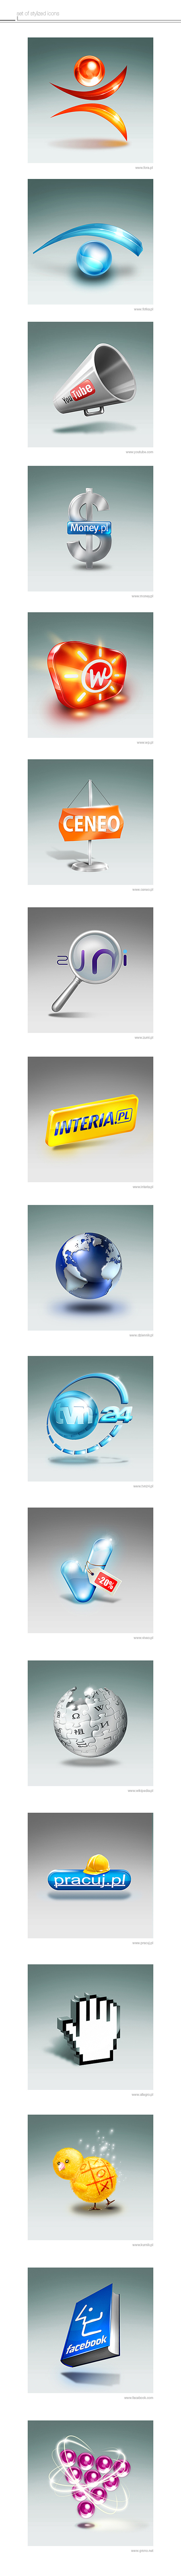 Set of Stylized Icons